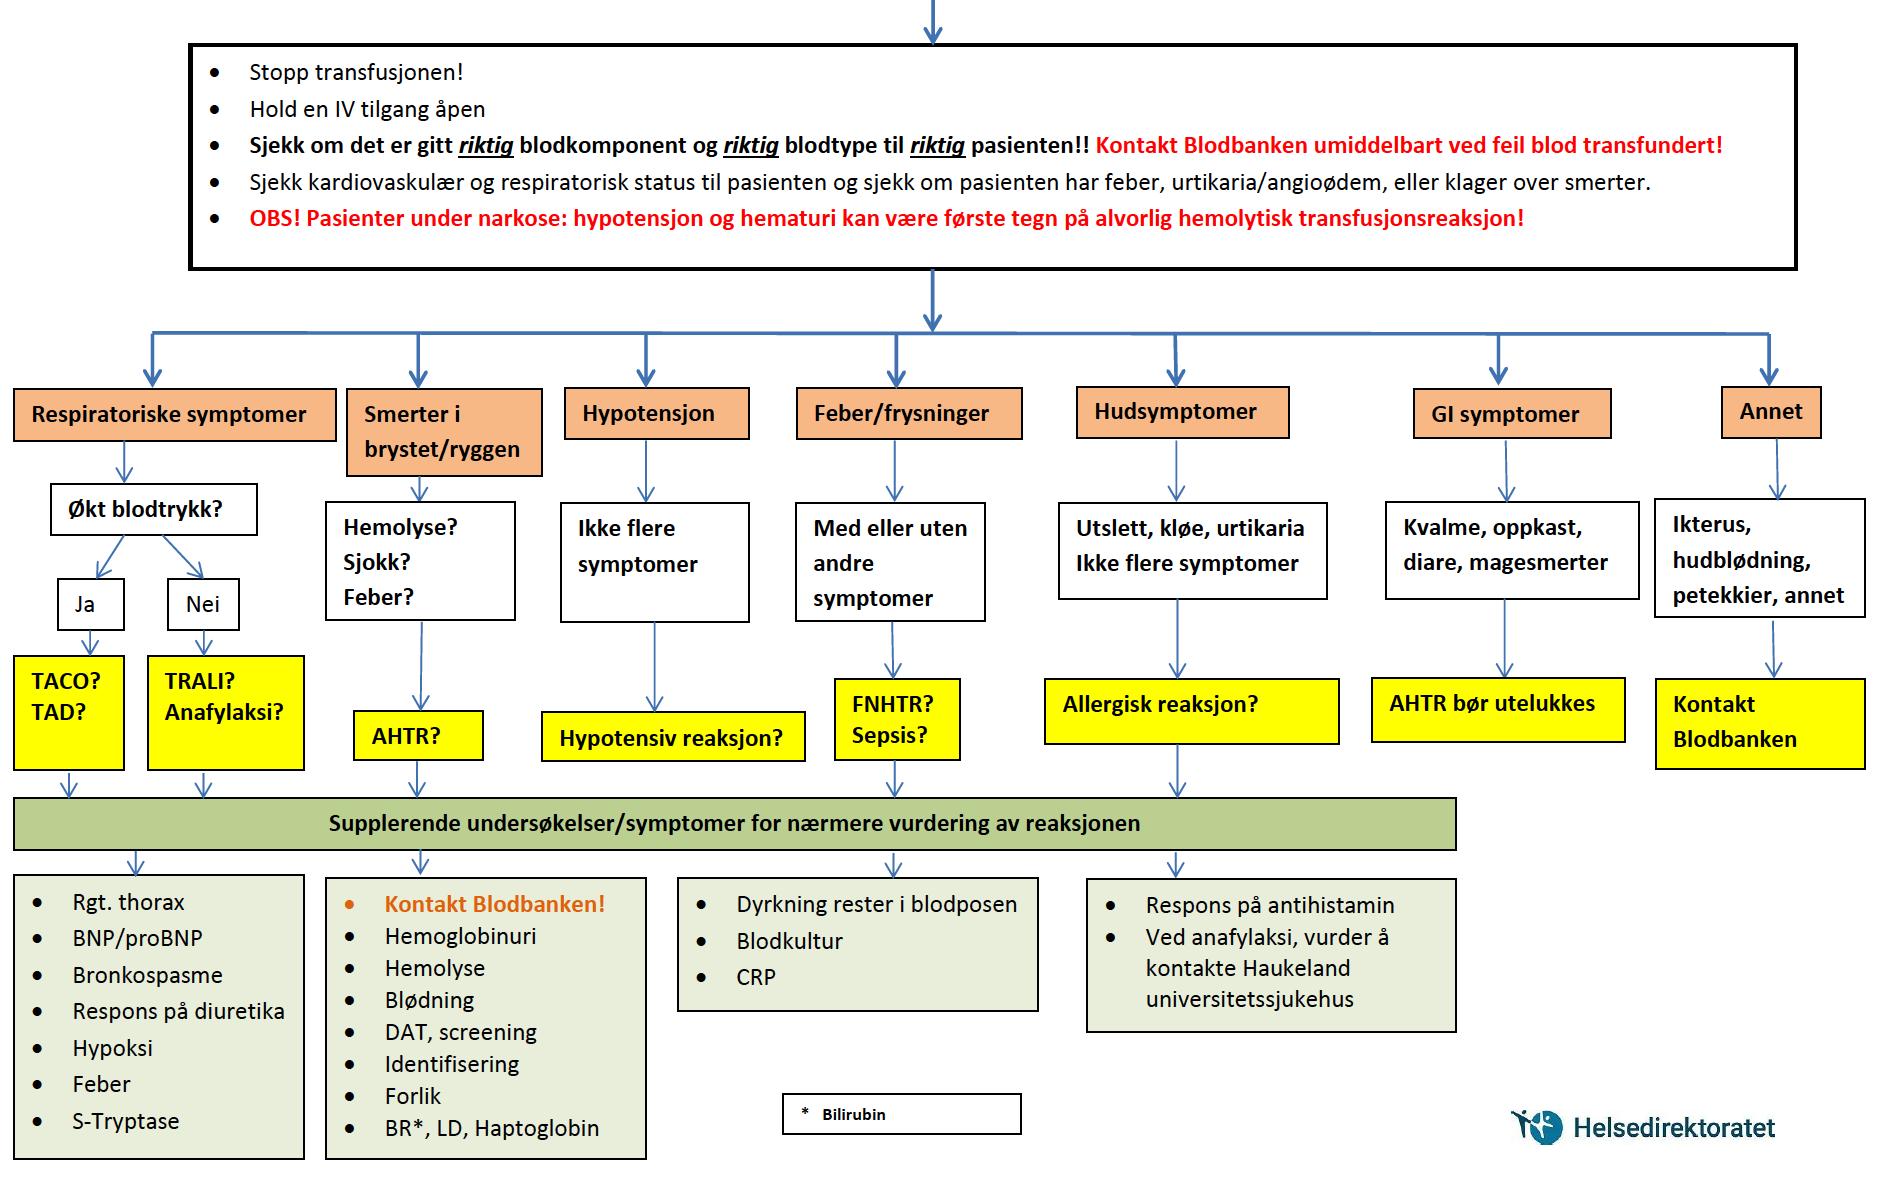 Skjema for mistanke om akutt transfusjonsreaksjon fra Helsedirektoratet, Cingulum